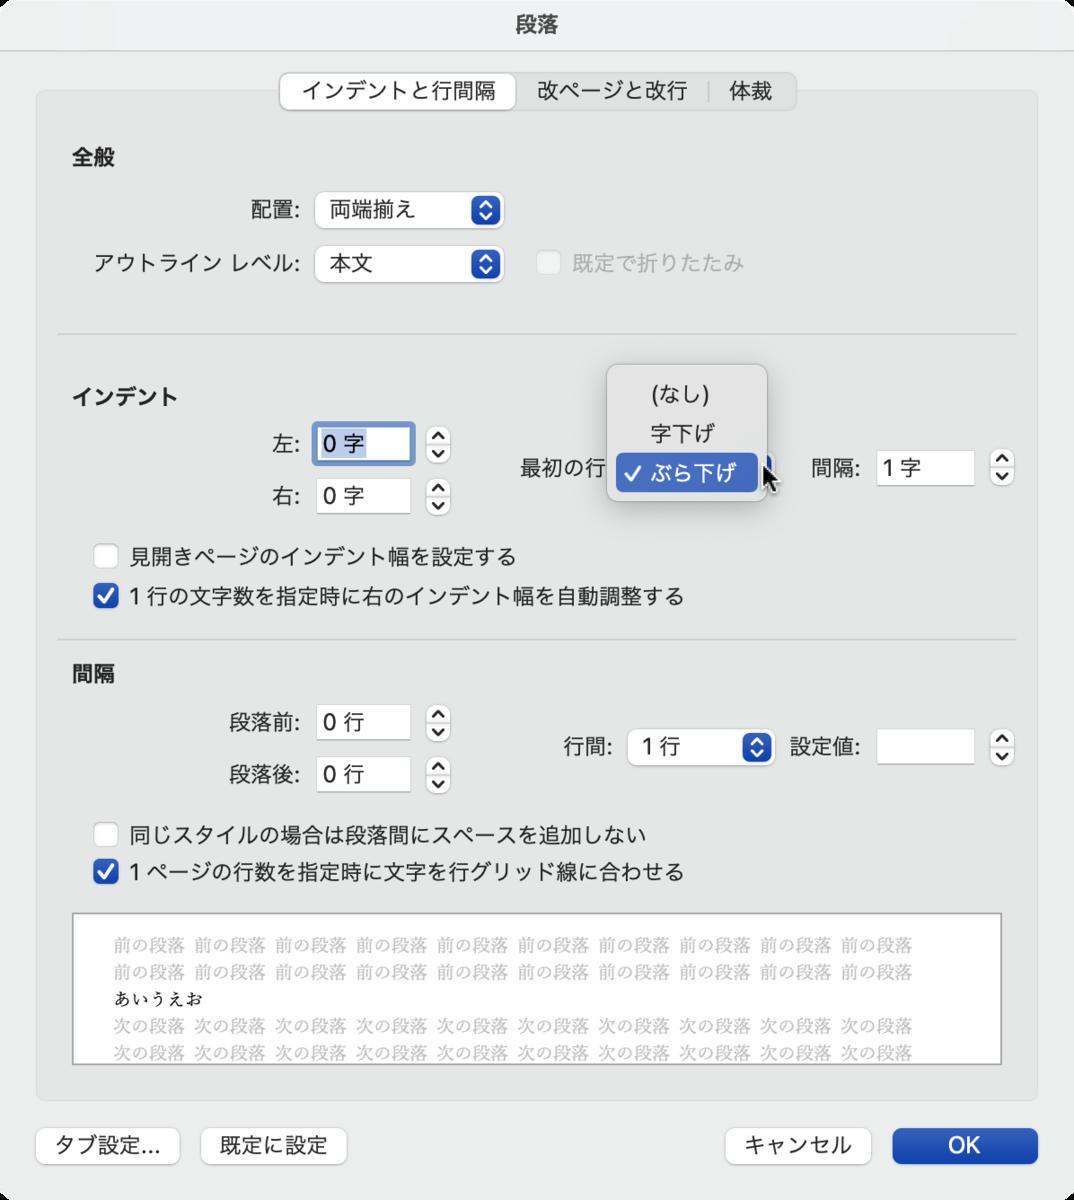 f:id:wanichan:20210606084936p:plain